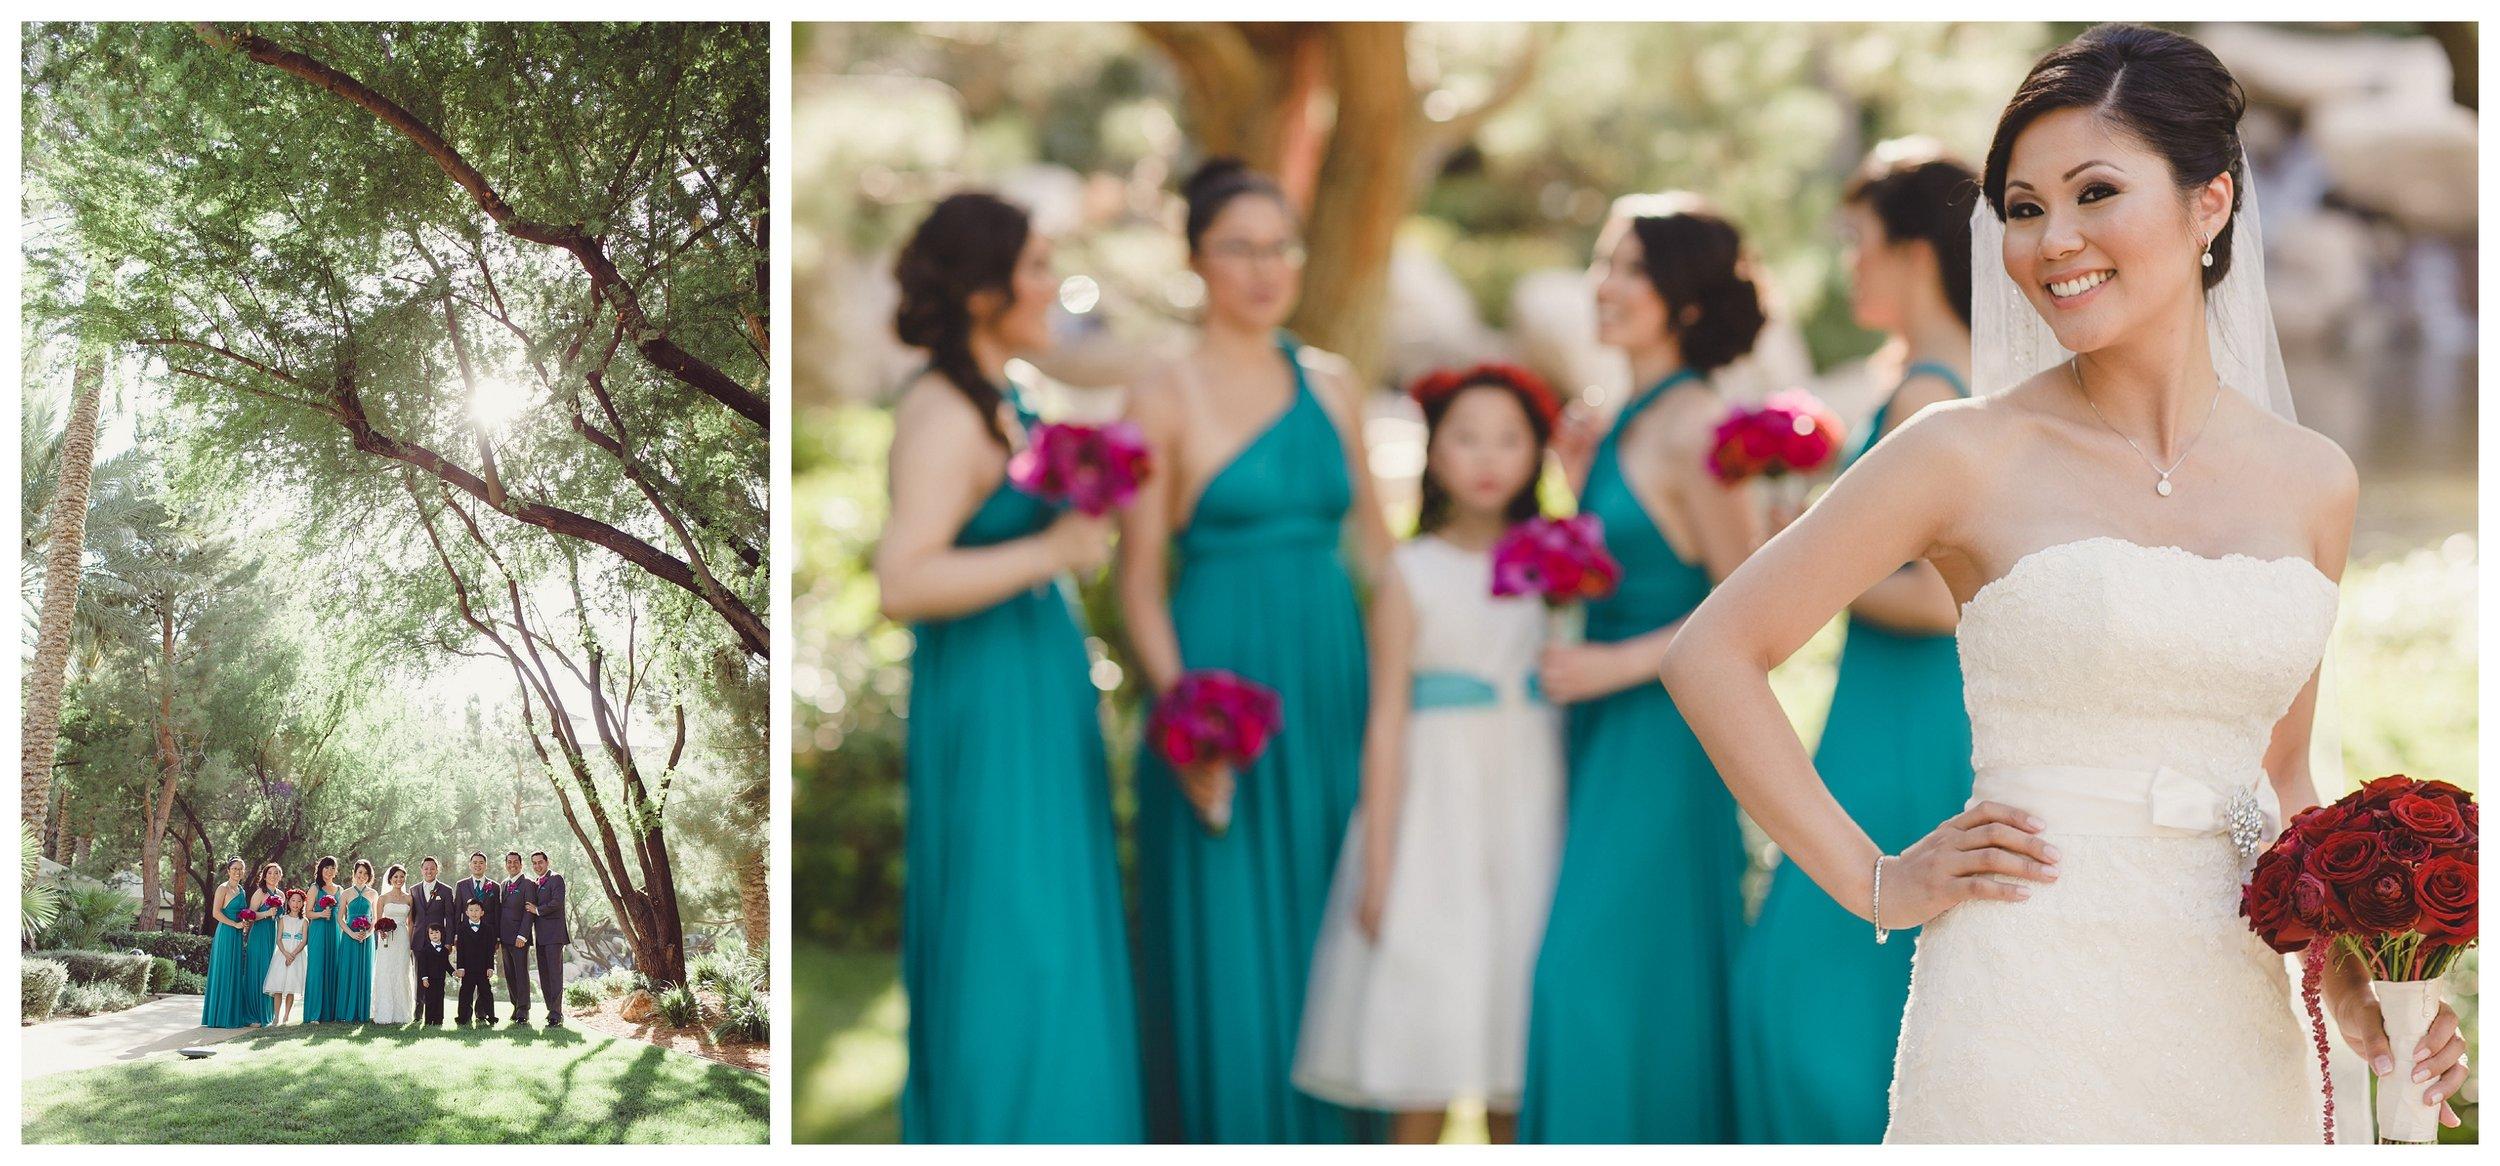 bridal-party-portraits-las-vegas